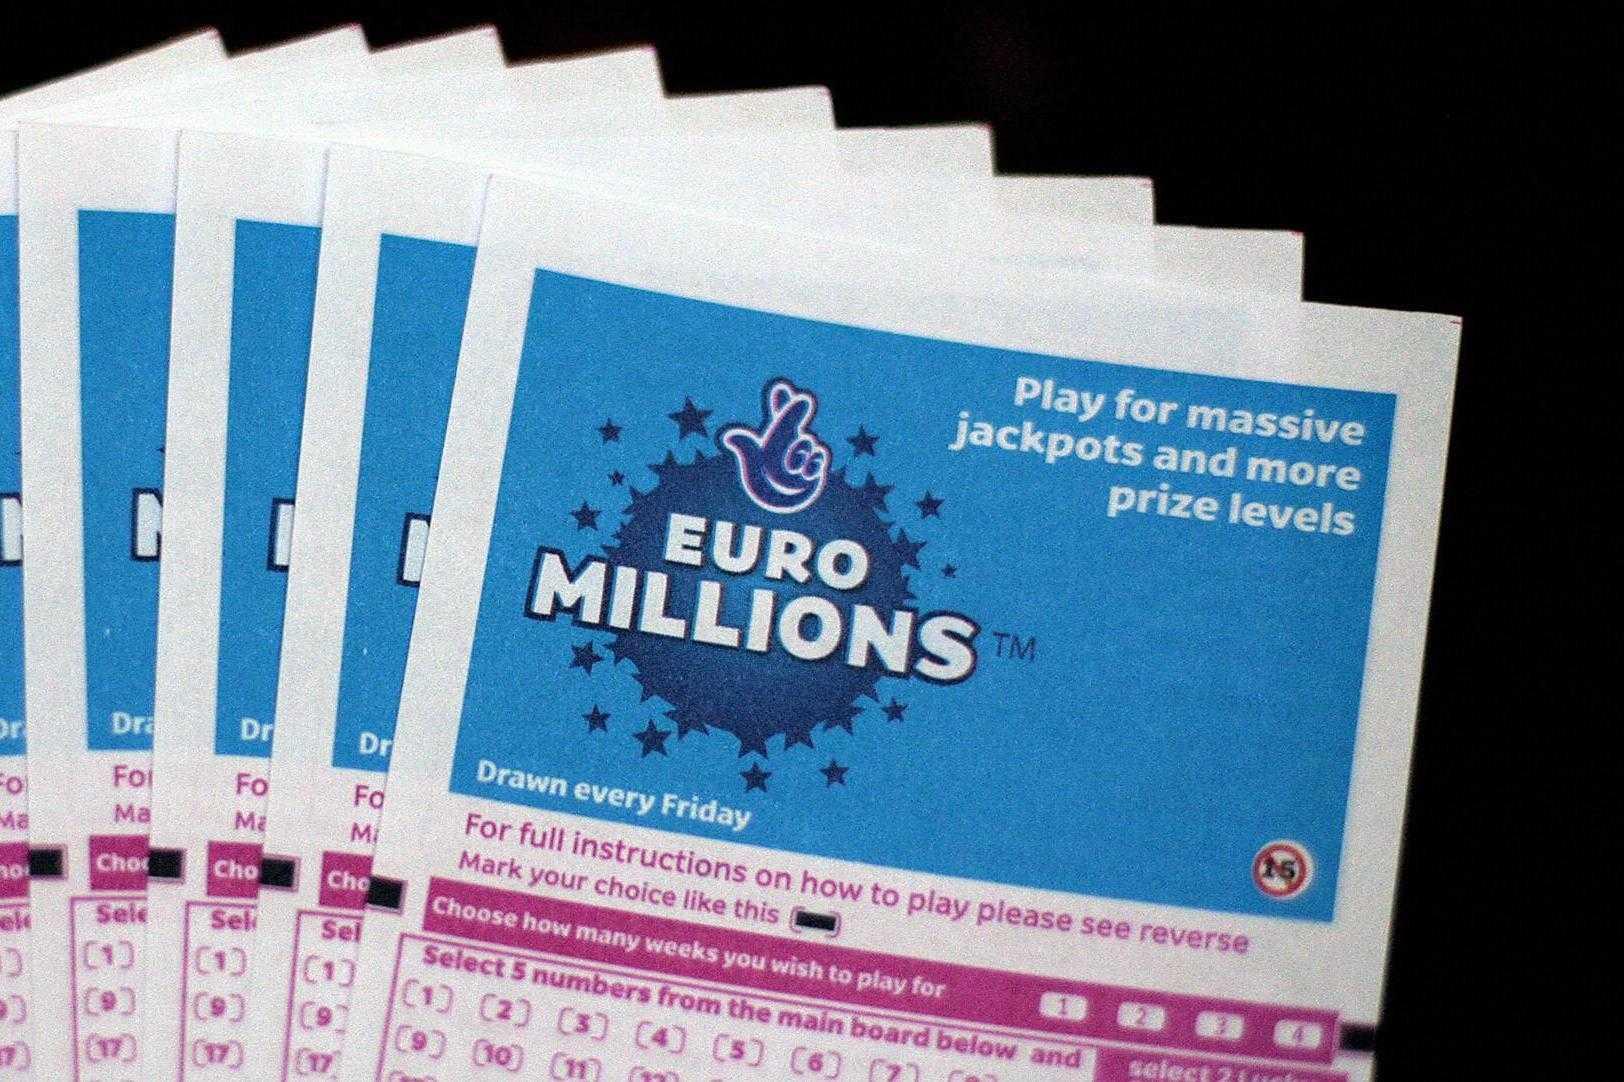 Euromillions superdraws